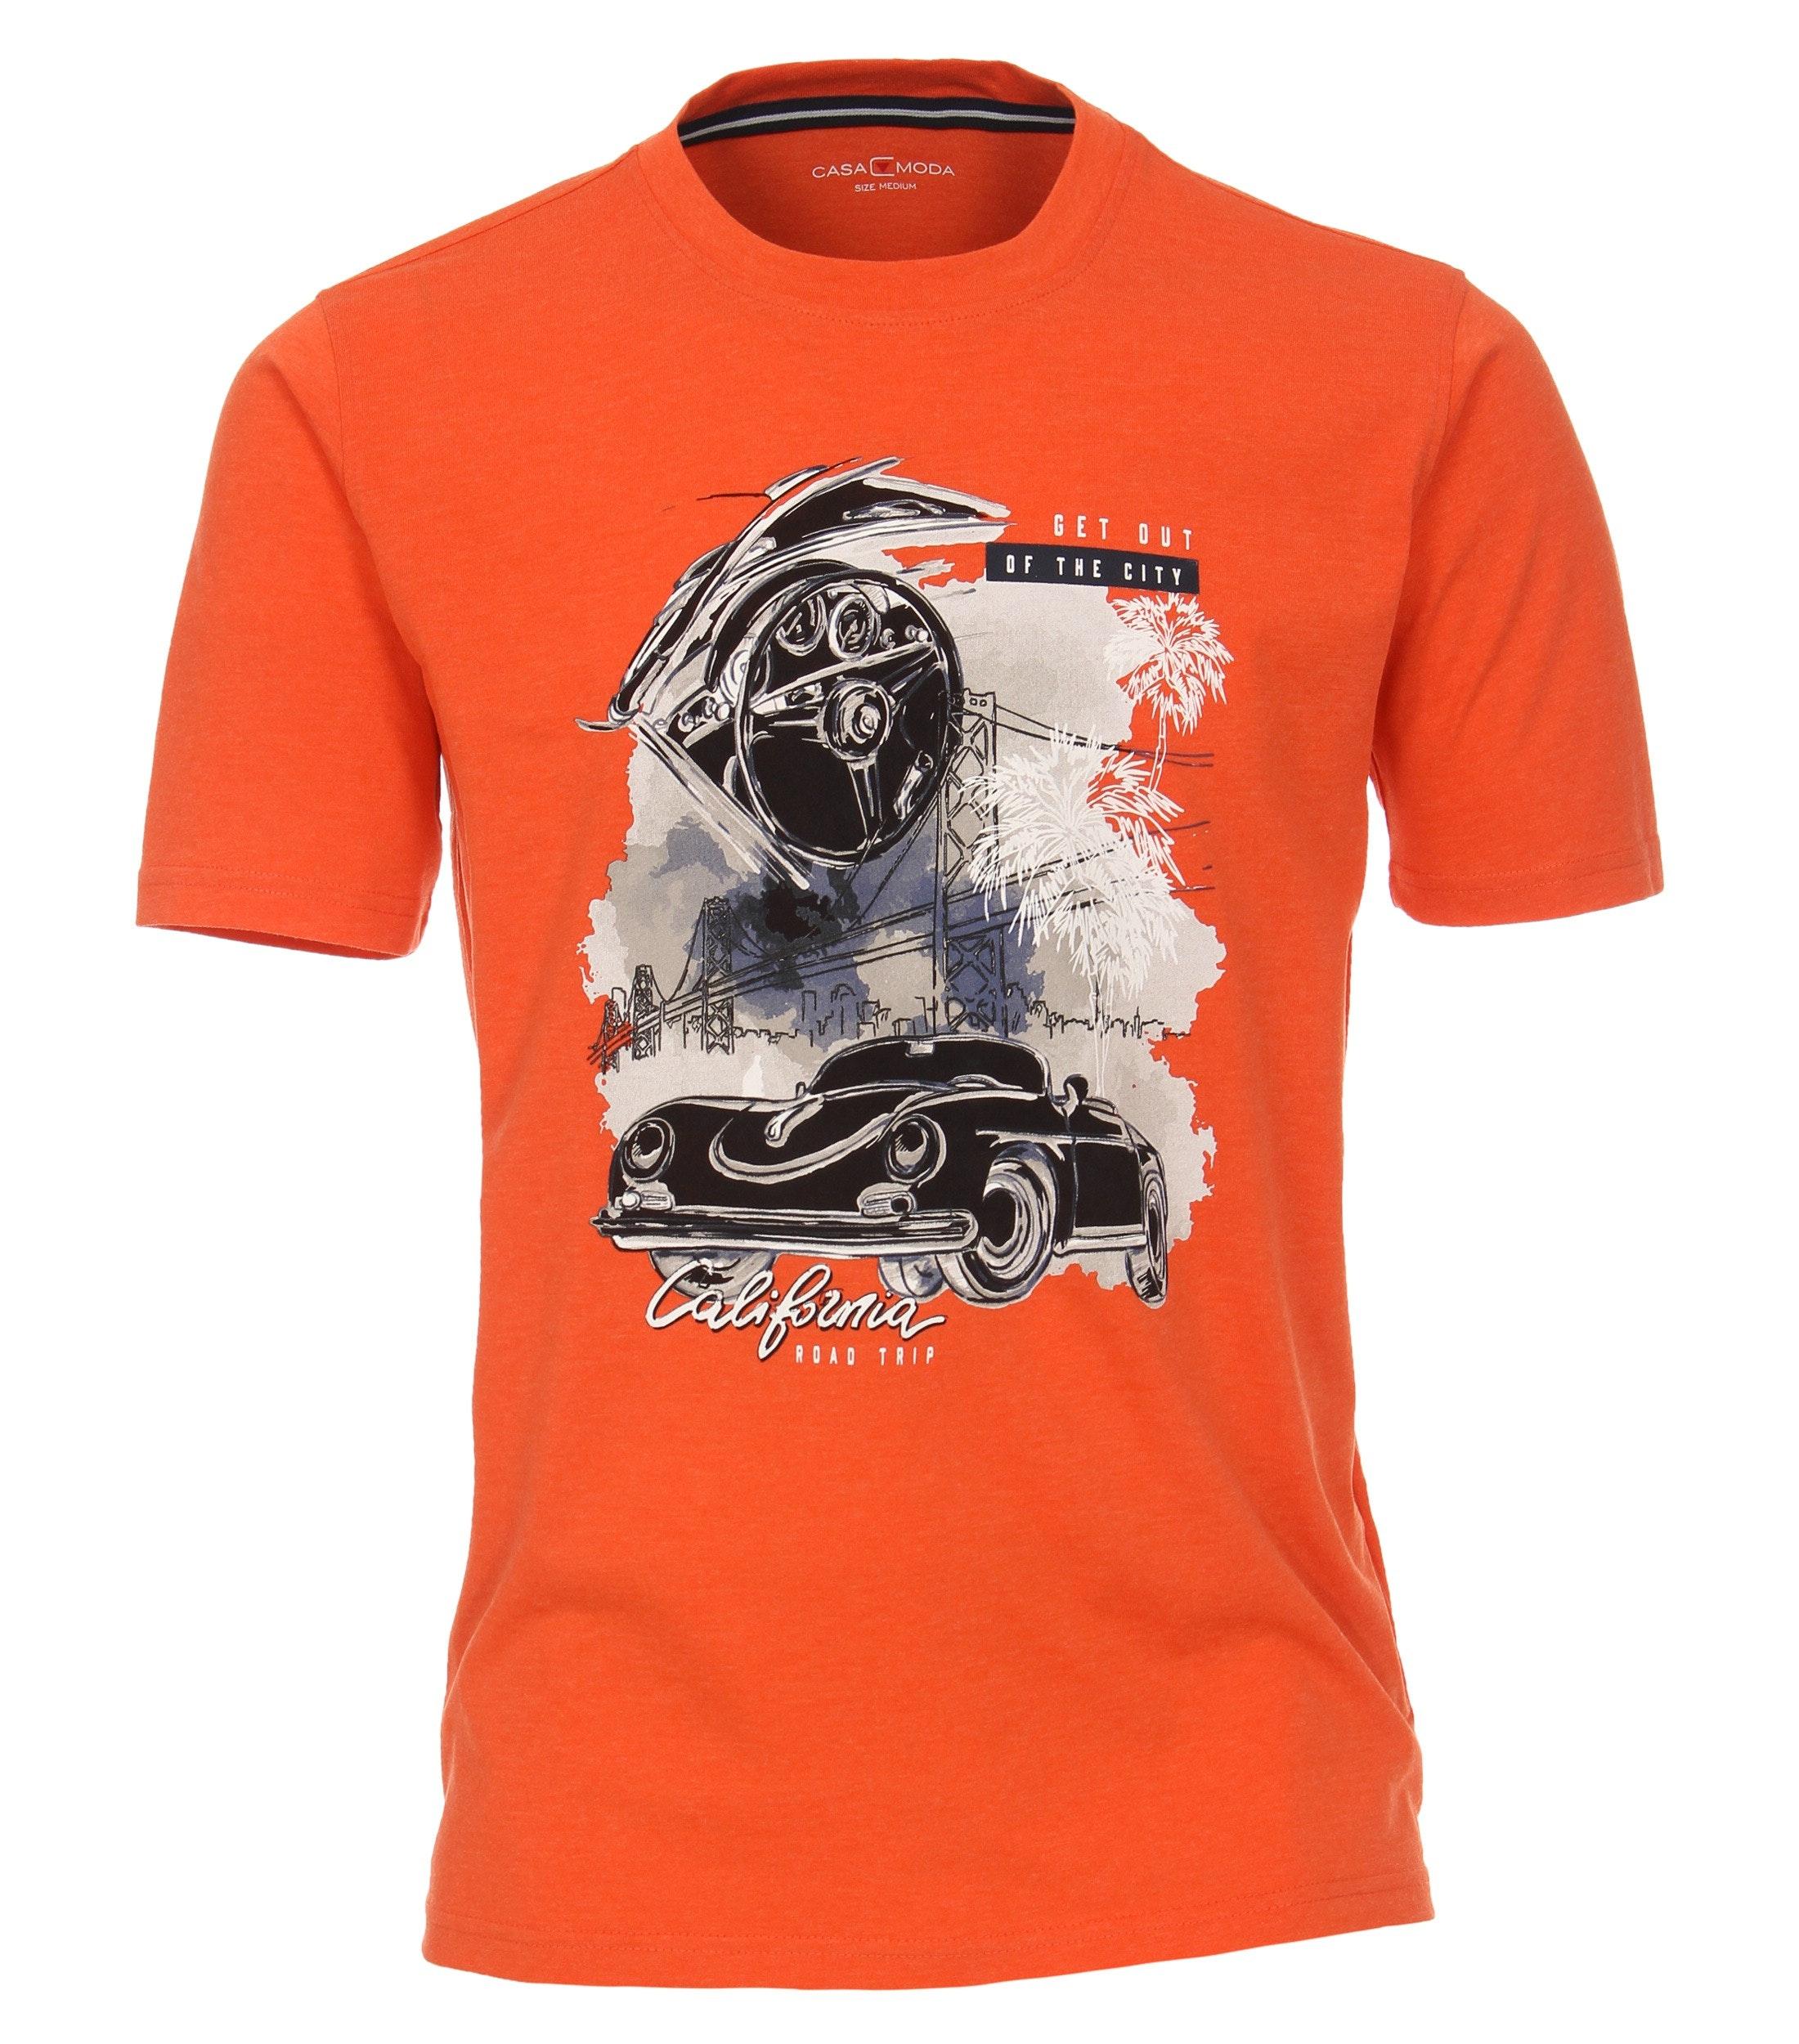 T-shirt van merk CASA MODA in de kleur oranje, gemaakt van 100% katoen. Dit T-shirt is gemaakt van puur katoen en is zeer comfortabel om te dragen. Het sportieve design met trendy logo print past perfect bij elke sportieve look en kan op veel manieren worden gecombineerd. Het T-shirt kan veelzijdig gedragen worden en is een absolute must have voor iedere garderobe.